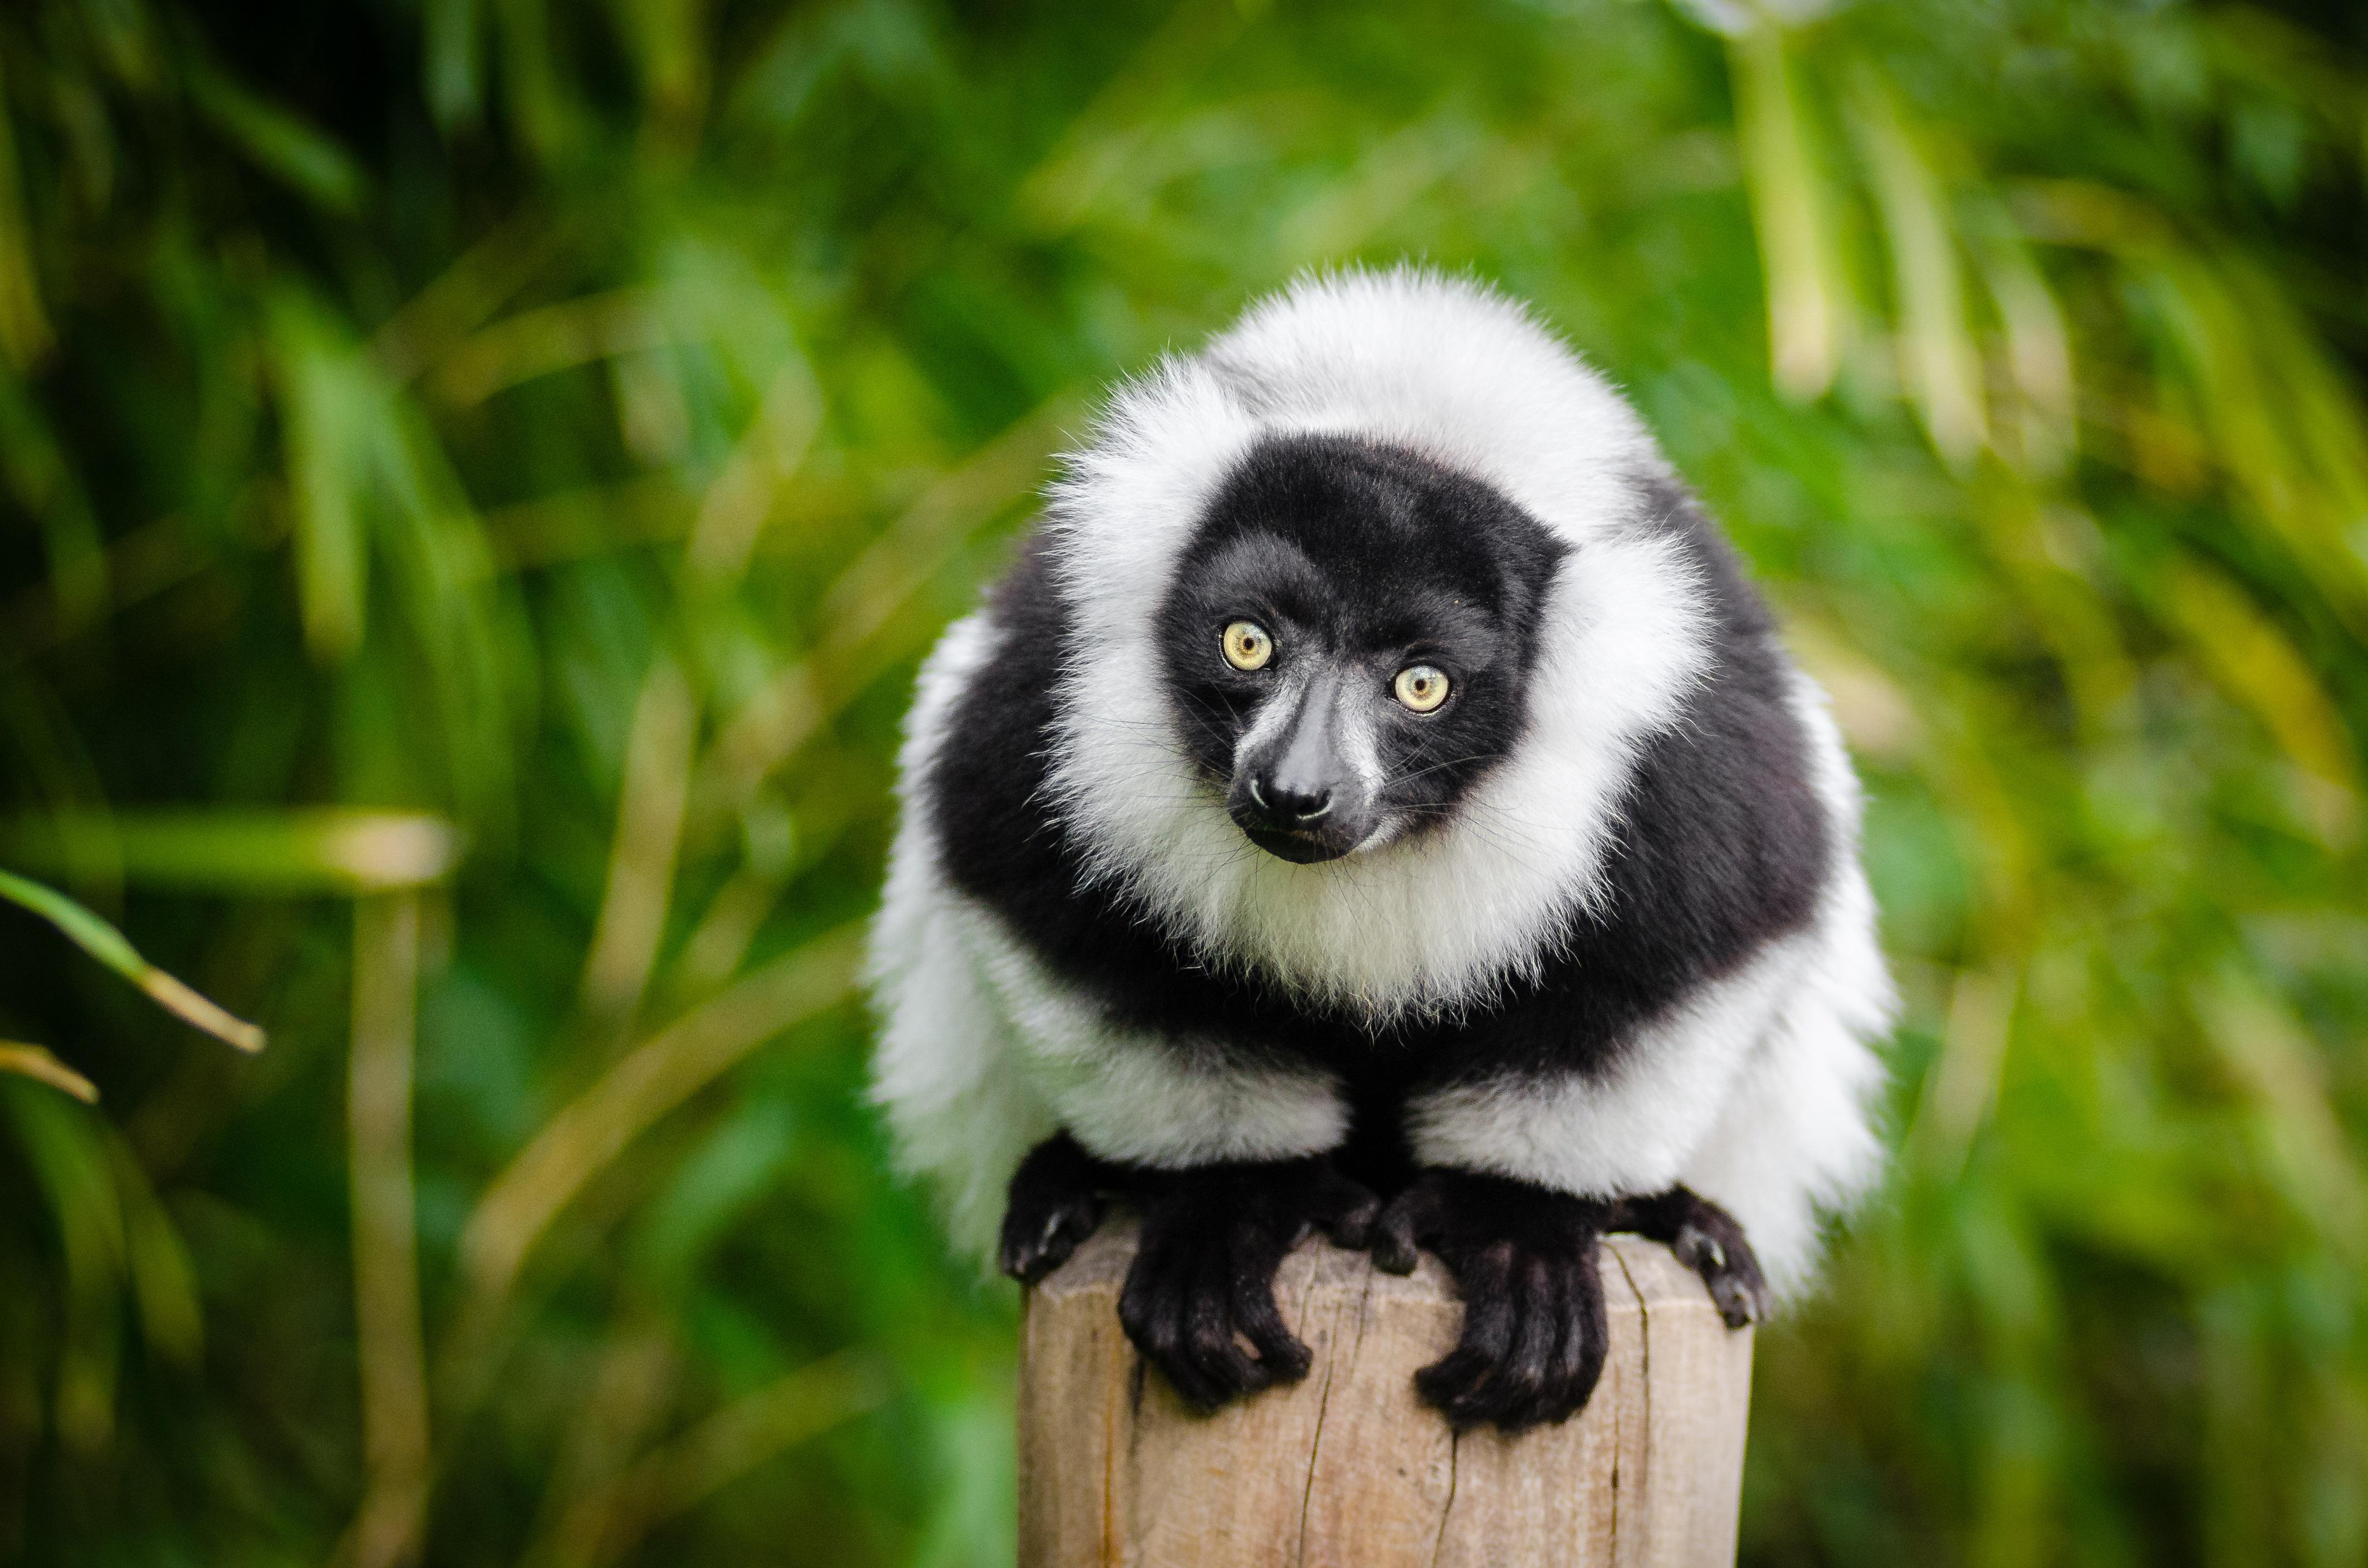 foto de Images Gratuites : la nature, animal, mignonne, faune, portrait ...